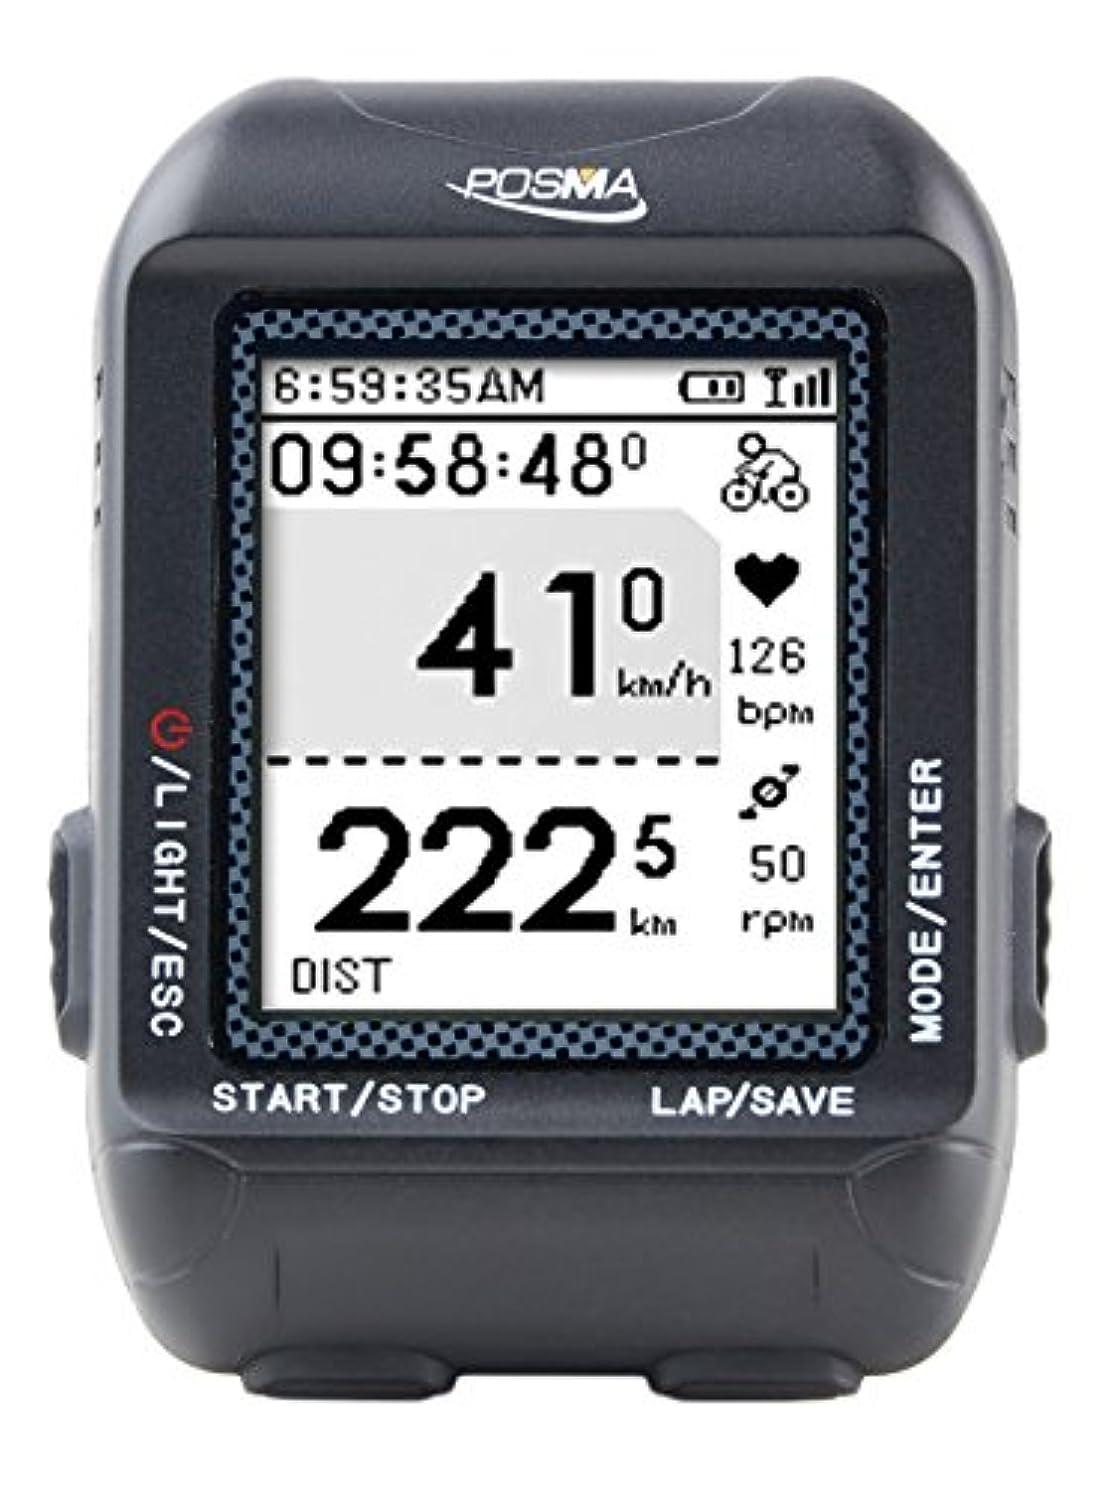 リレー汚染された広くPOSMA D3 GPS ワイヤレスサイクリング車コンピューター ナビゲーション付き速度計、オドメーター、6軸eコンパス付き、ANT+ 接続。GPXファイルのSTRAVA や MapMyRideへのインストールをサポートしています。 (BHR20 心拍計と BCB20 速度/ケーデンス センサーの組み合わせが可能です。)